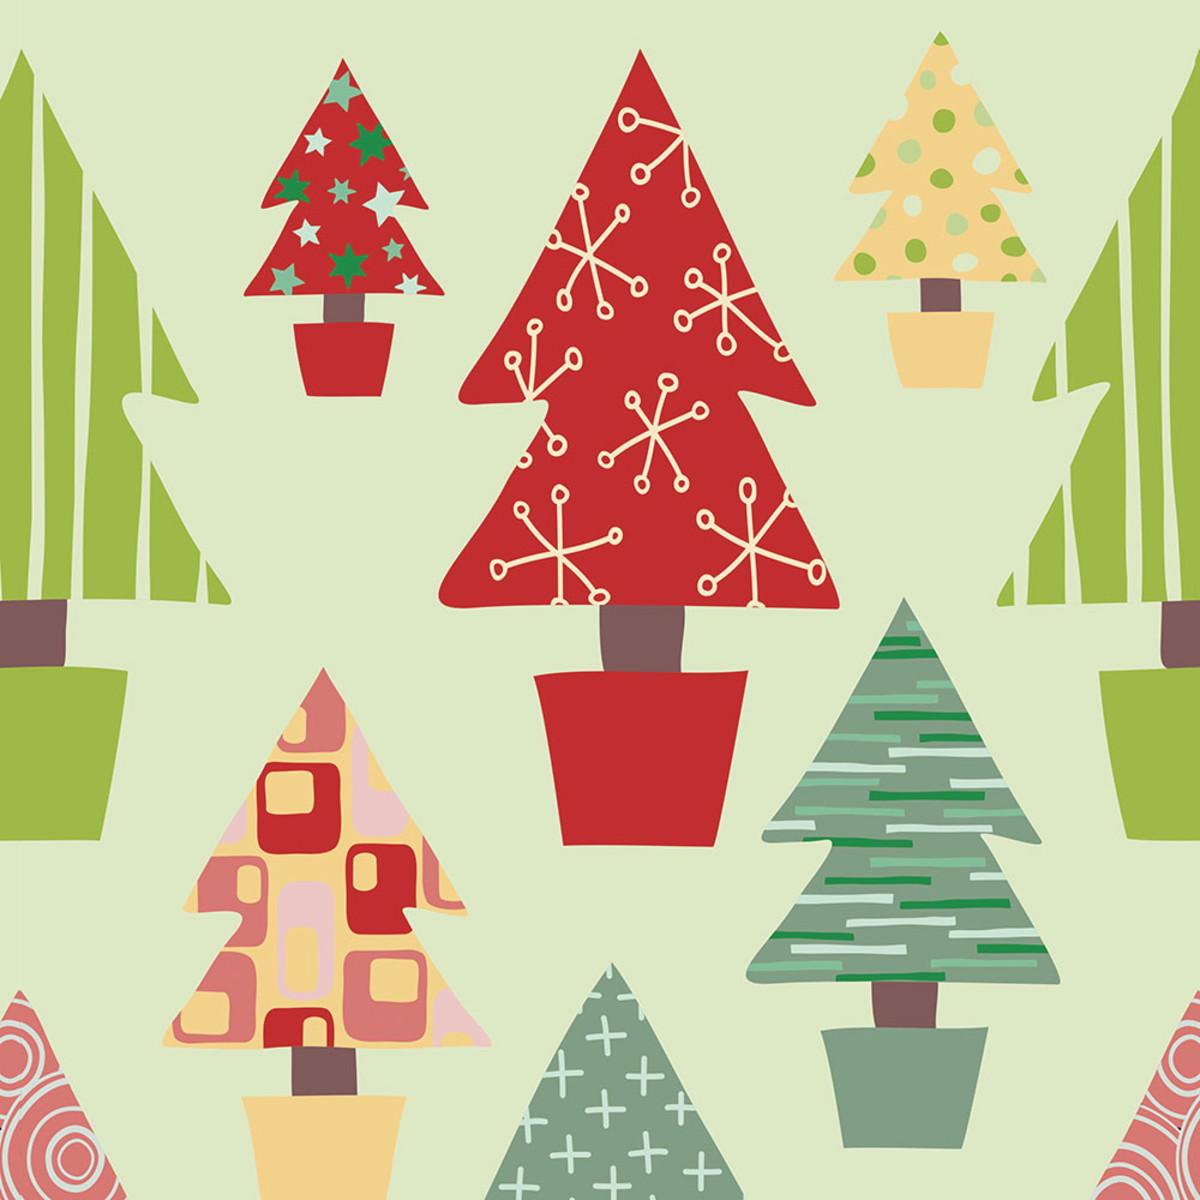 Papel Parede Arvores De Natal Coloridas Sob Fundo Variados No Elo7